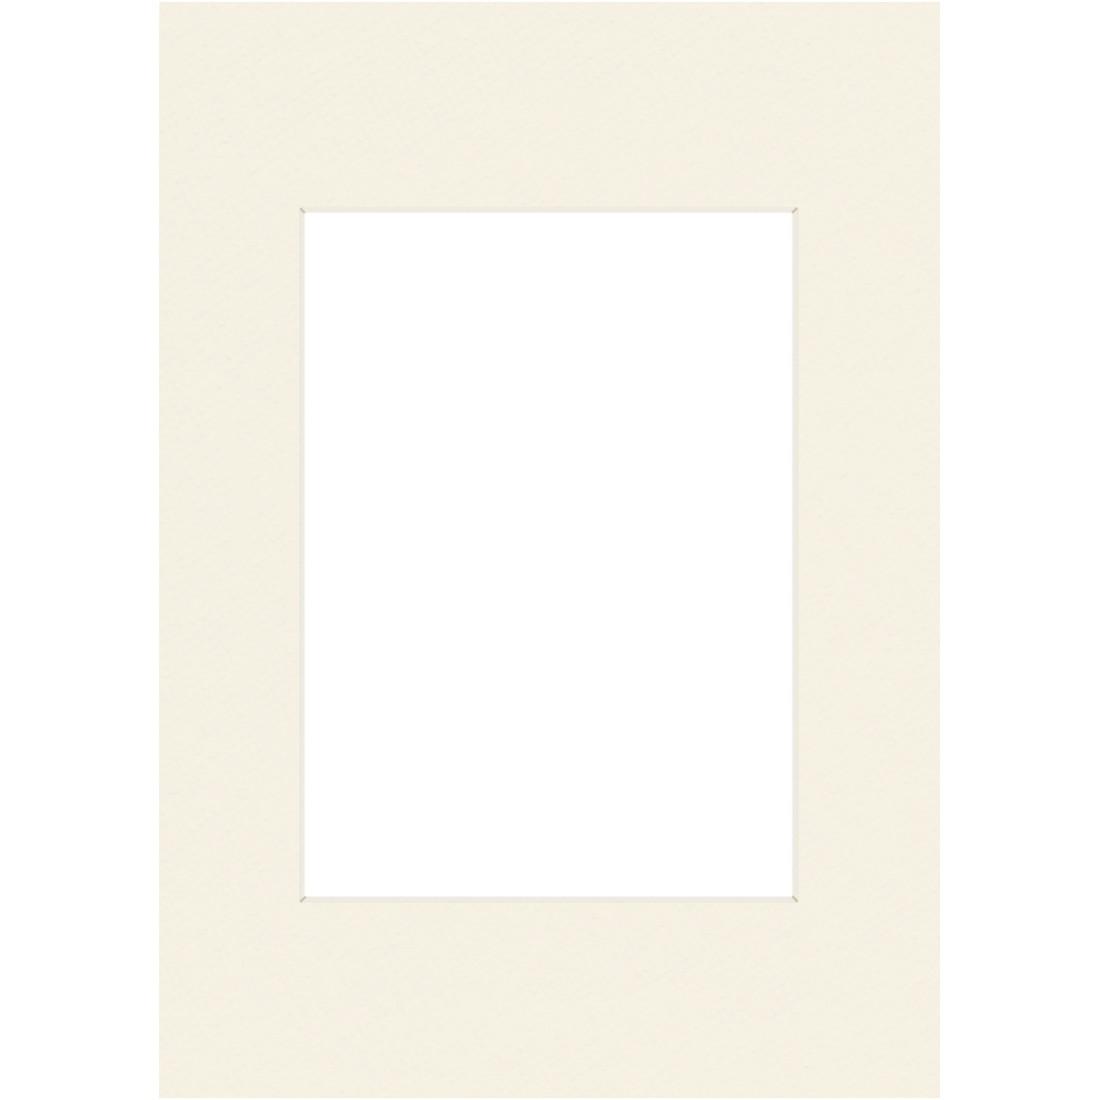 Hama Premium Passe-Partout, snow white, 30x40/20x30 cm - picture ...